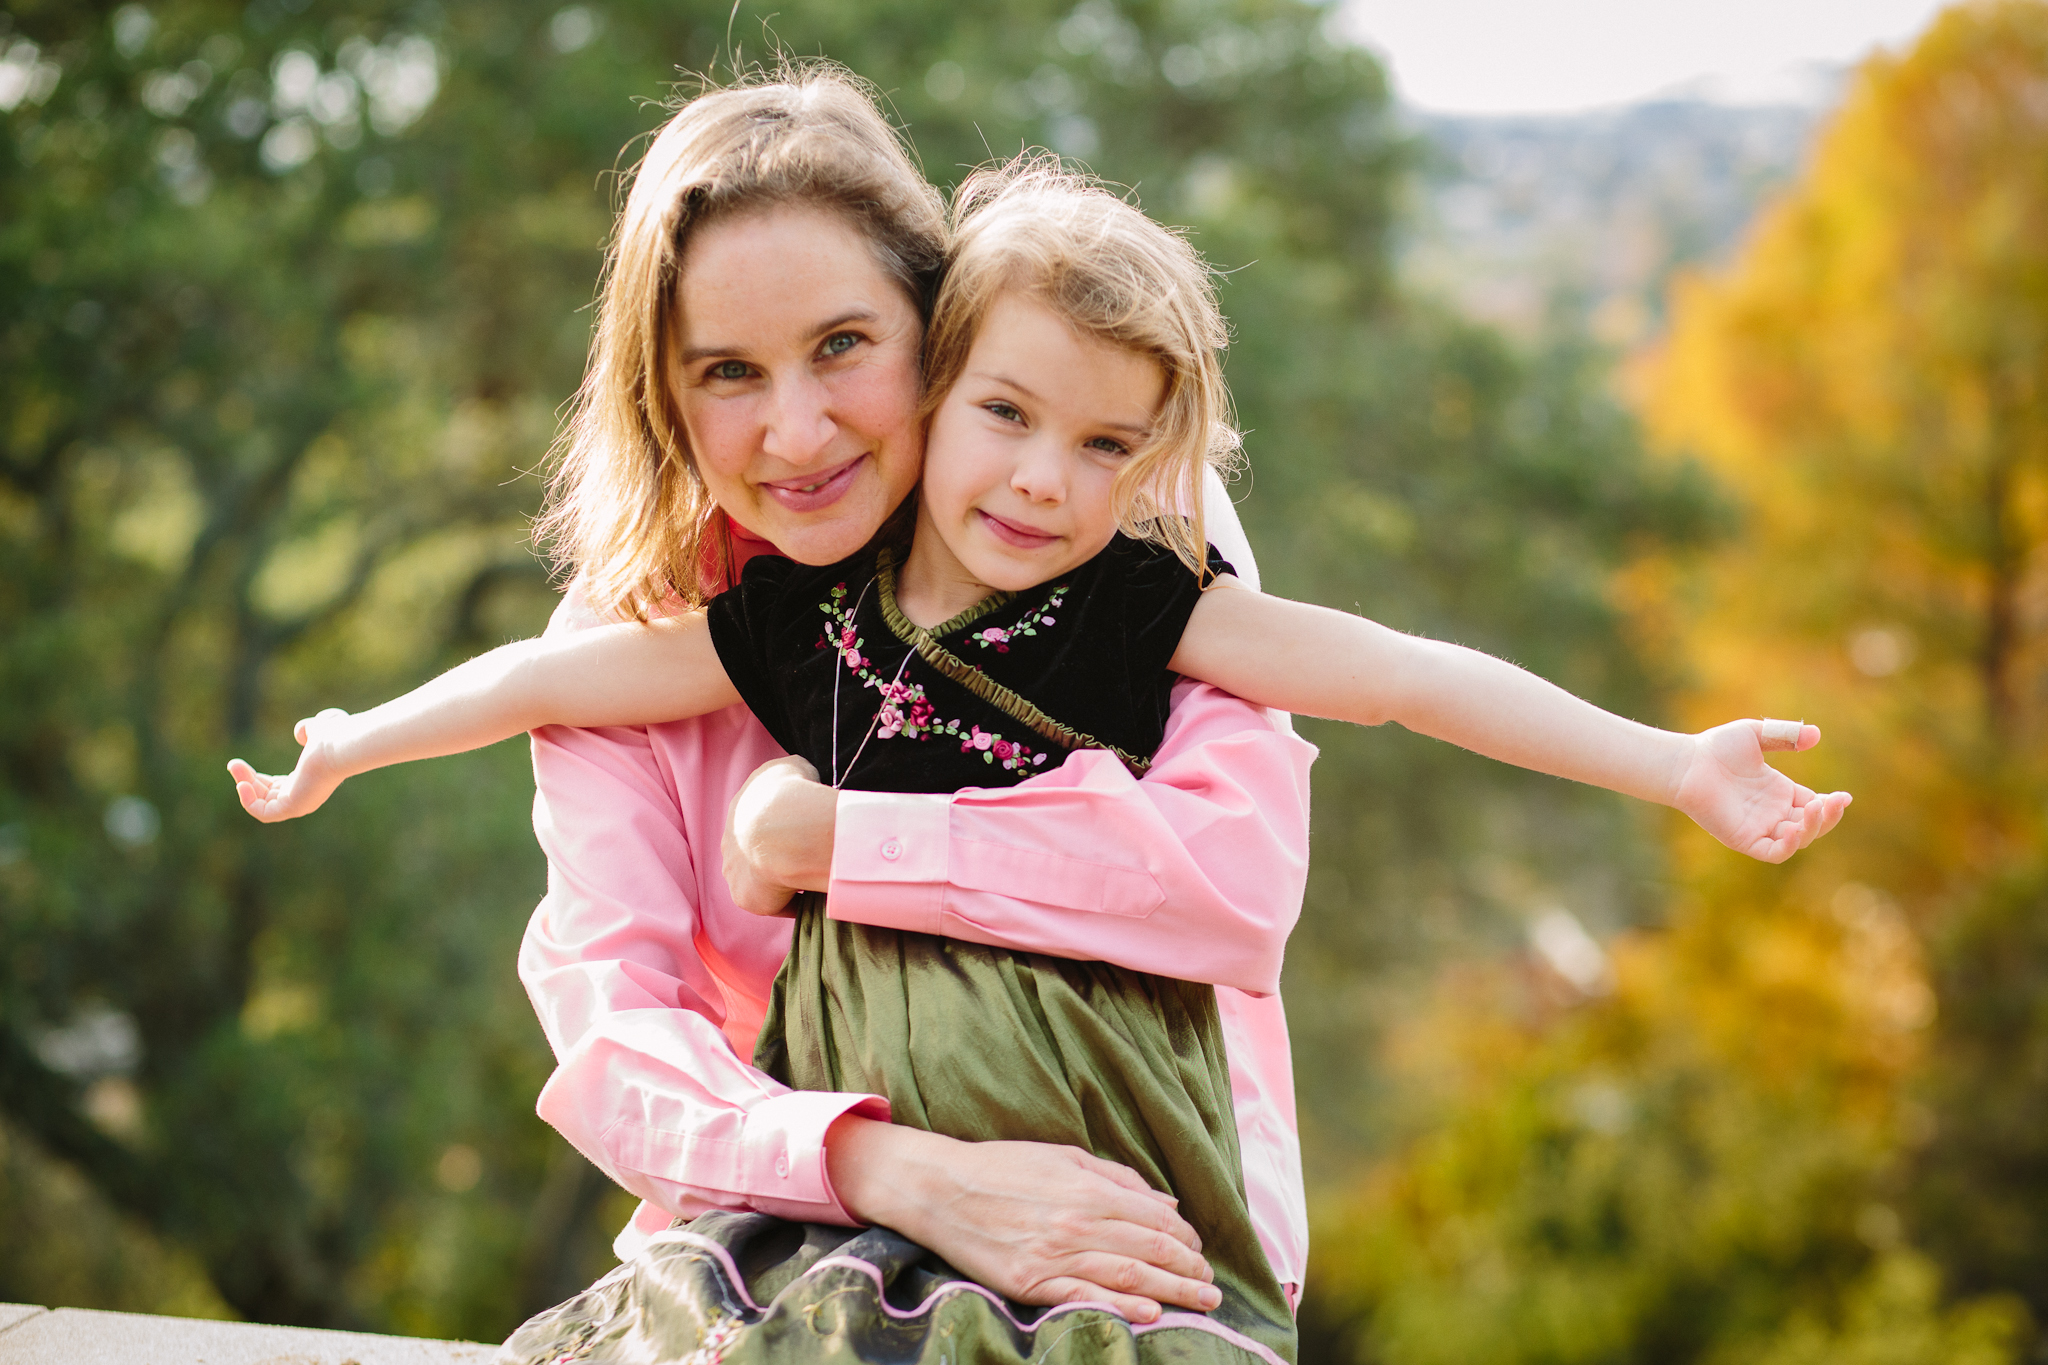 Jenny&DavidFamilyPortraits_Nov2014_jenniferleahy (52 of 502).jpg